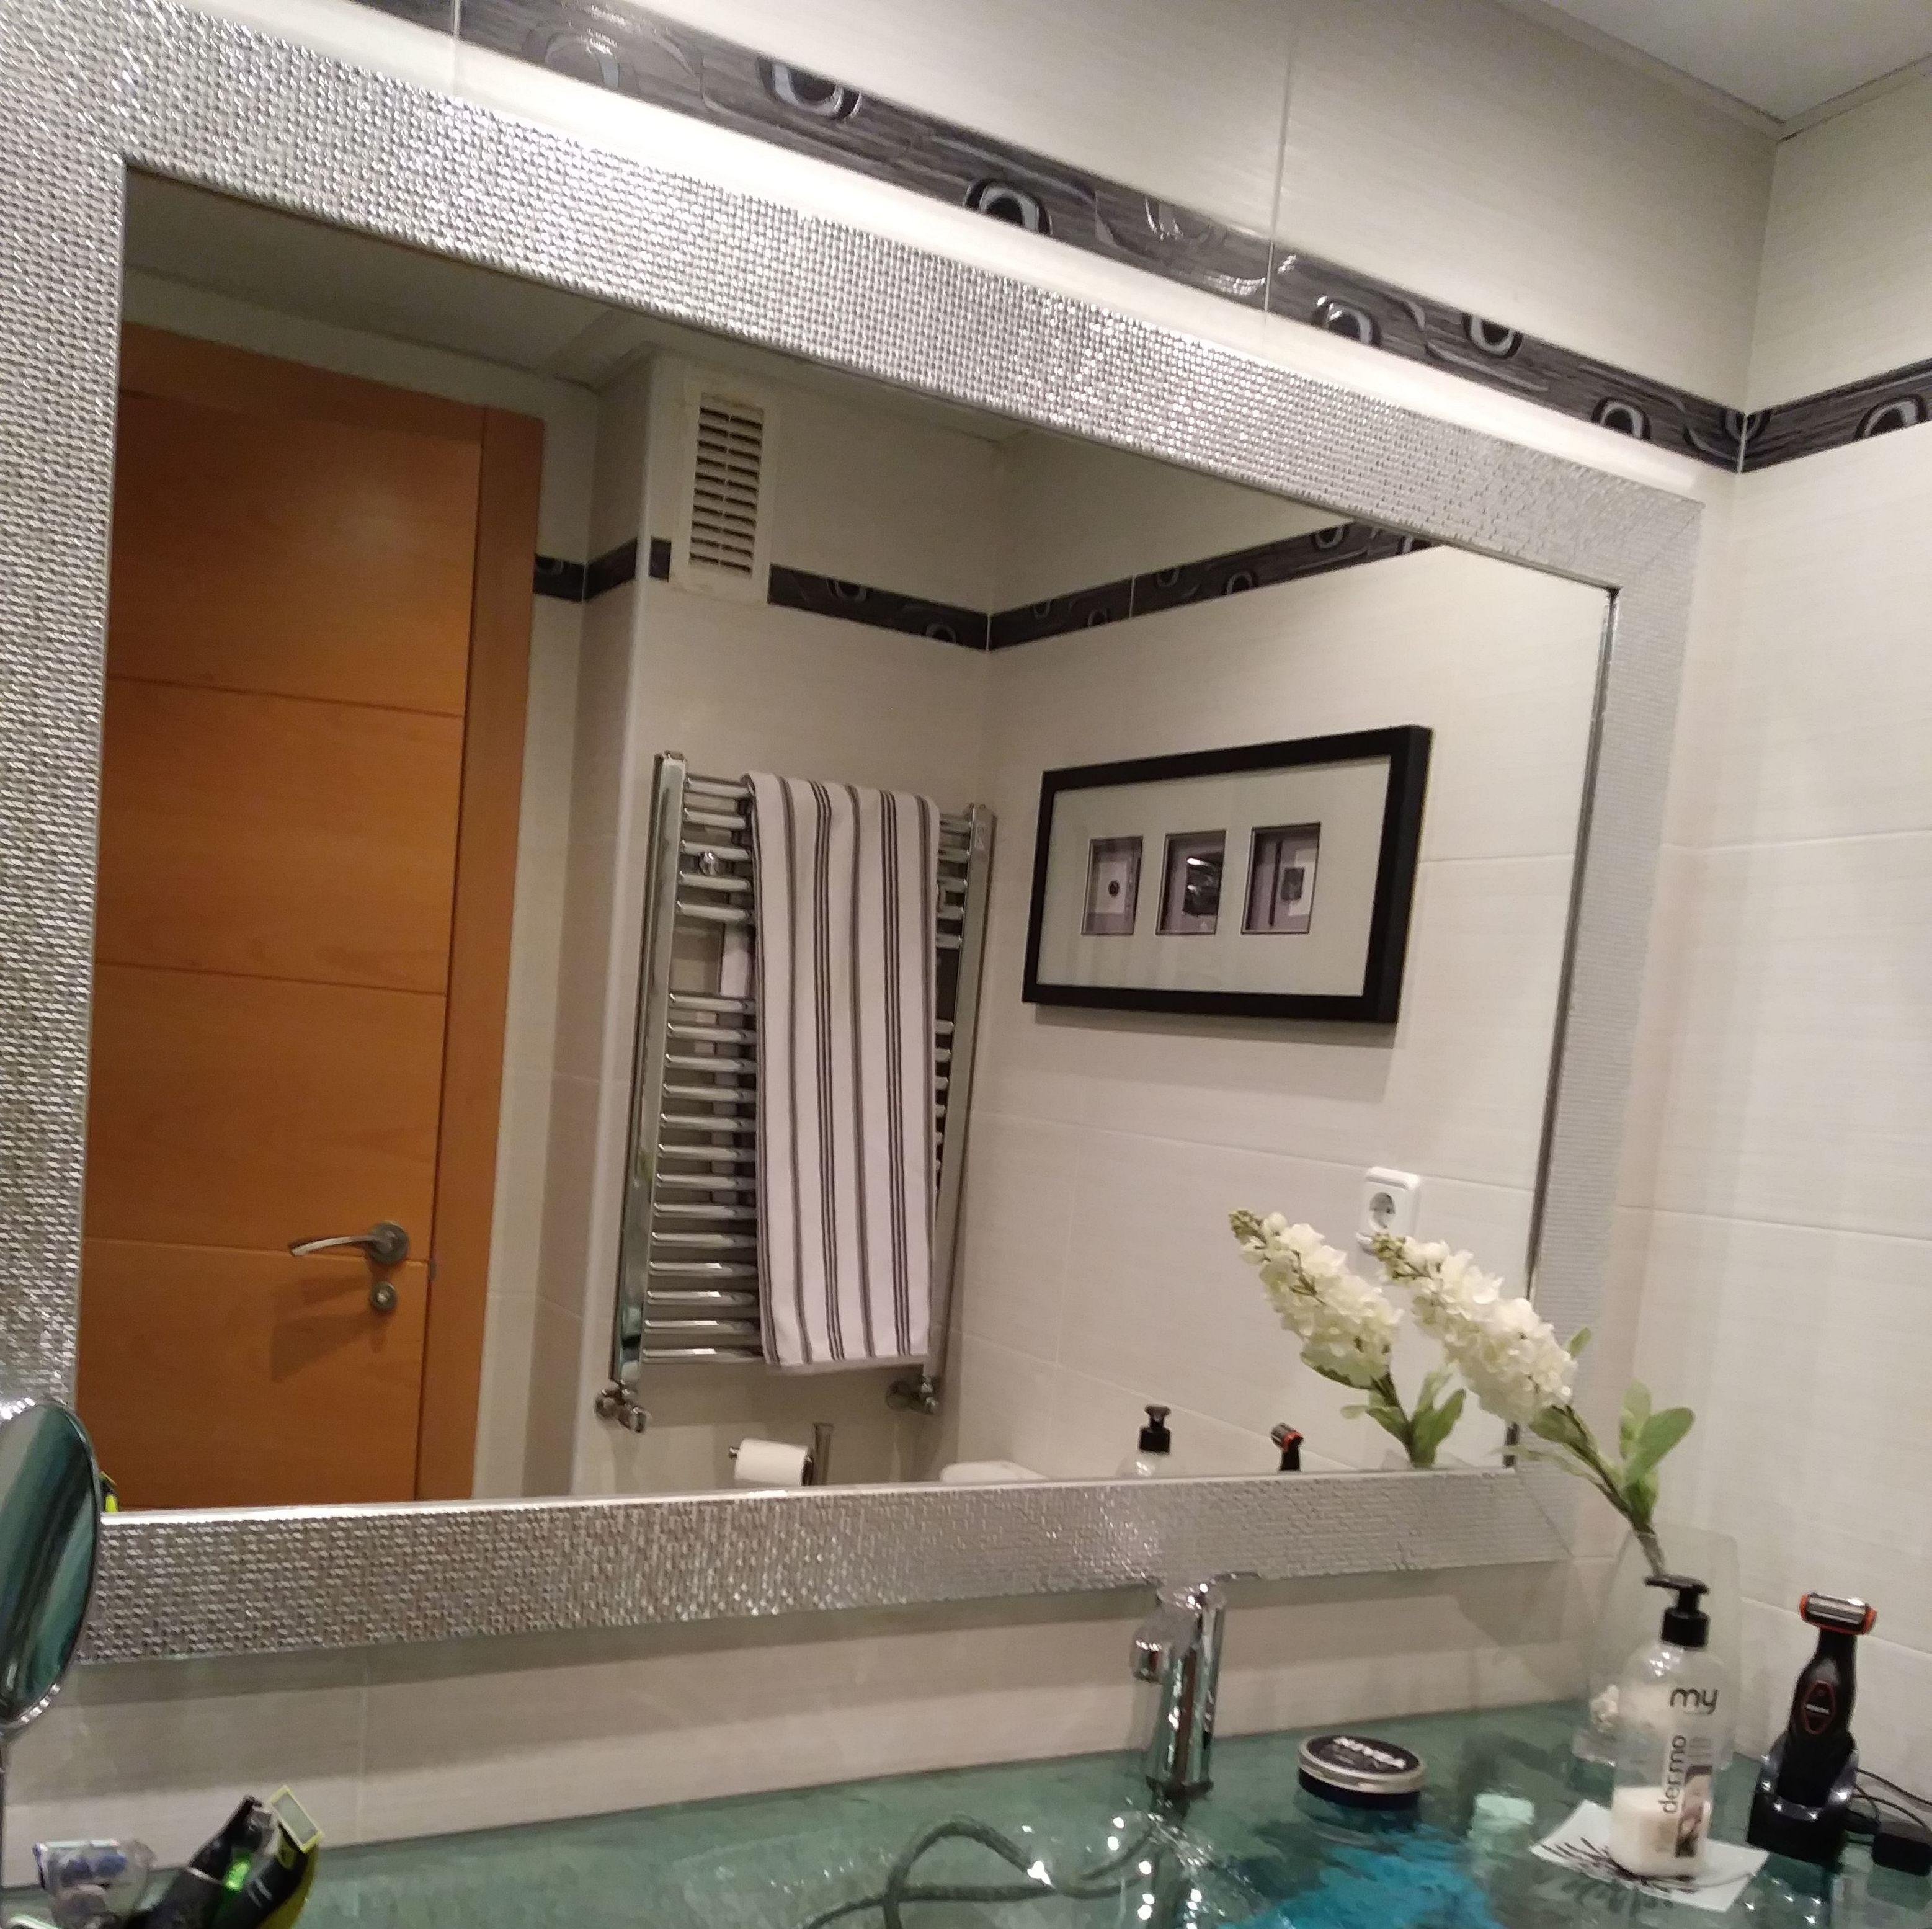 Cambia el aspecto de tu baño, simplemente con un espejo impactante